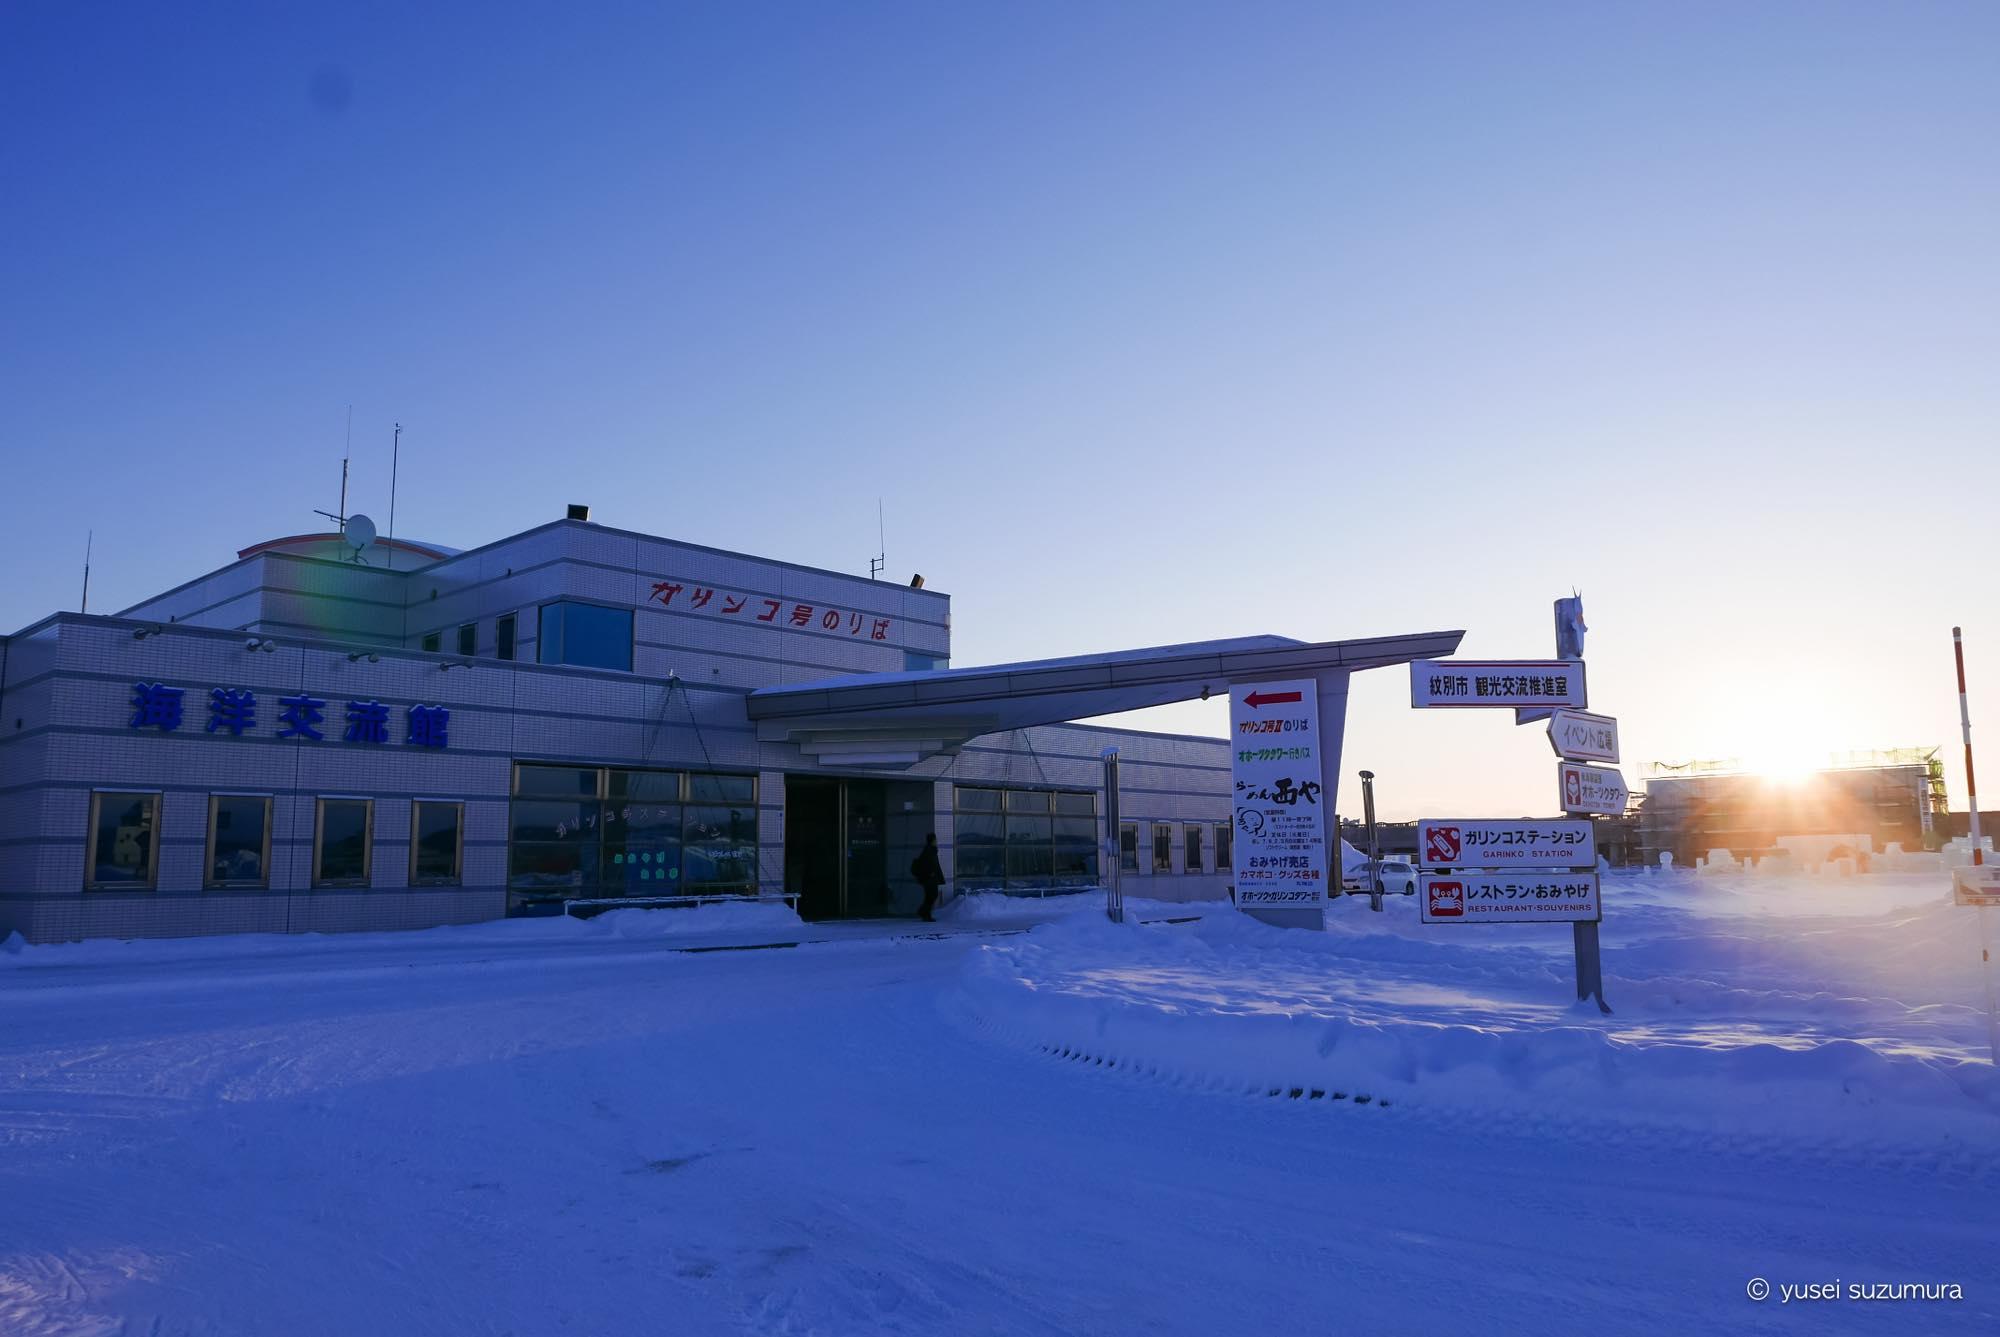 ガリンコ号 海洋交流館 ターミナル